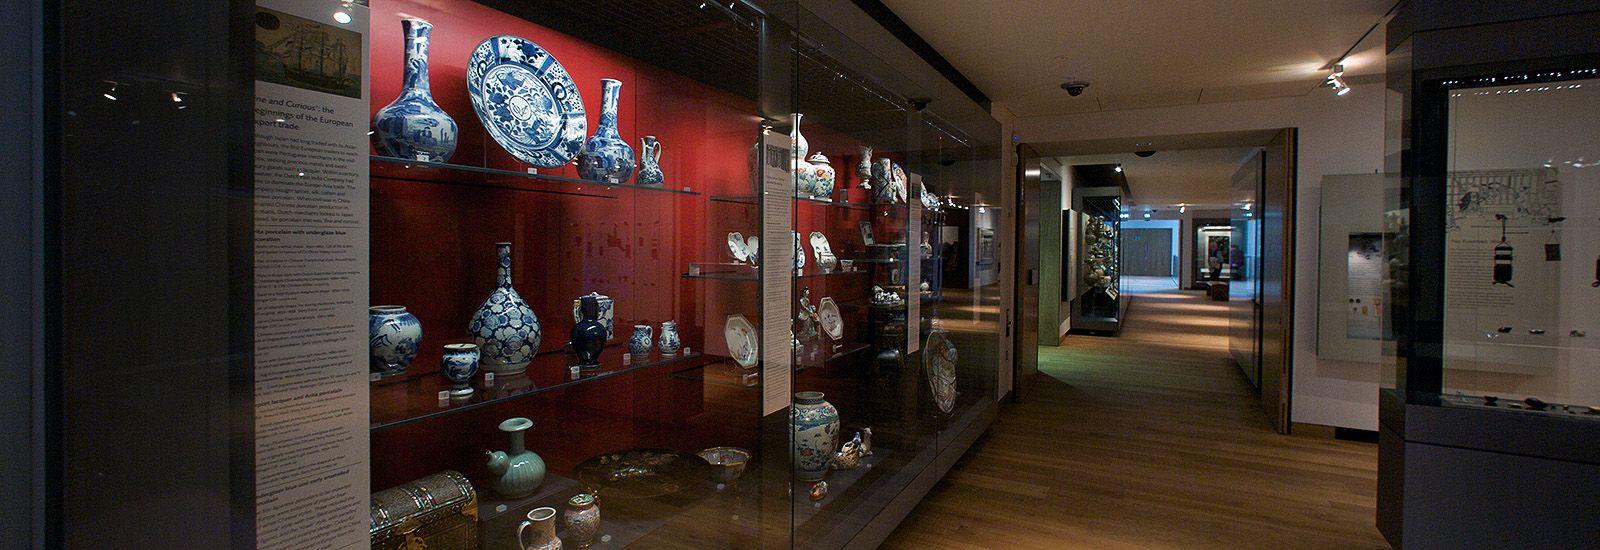 A ceramics gallery in the Ashmolean Museum